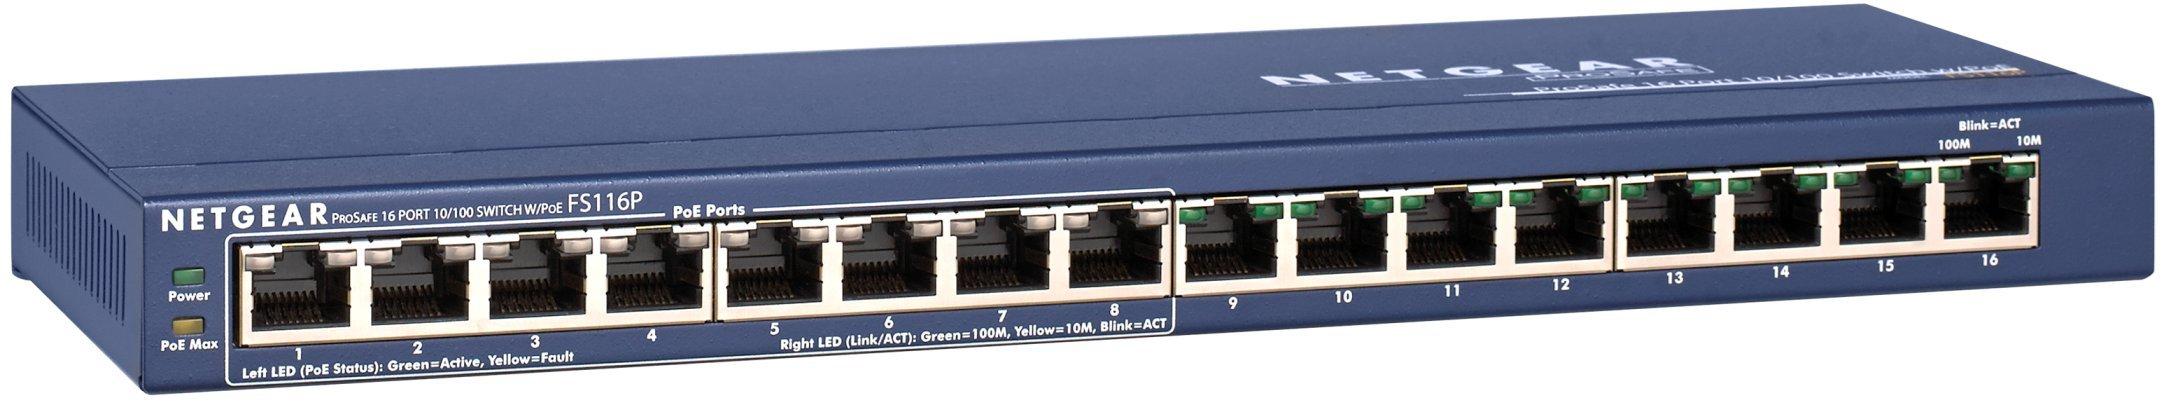 NETGEAR ProSAFE FS116PNA 16-Port Fast Ethernet Switch with 8 PoE Ports 70w (FS116PNA)